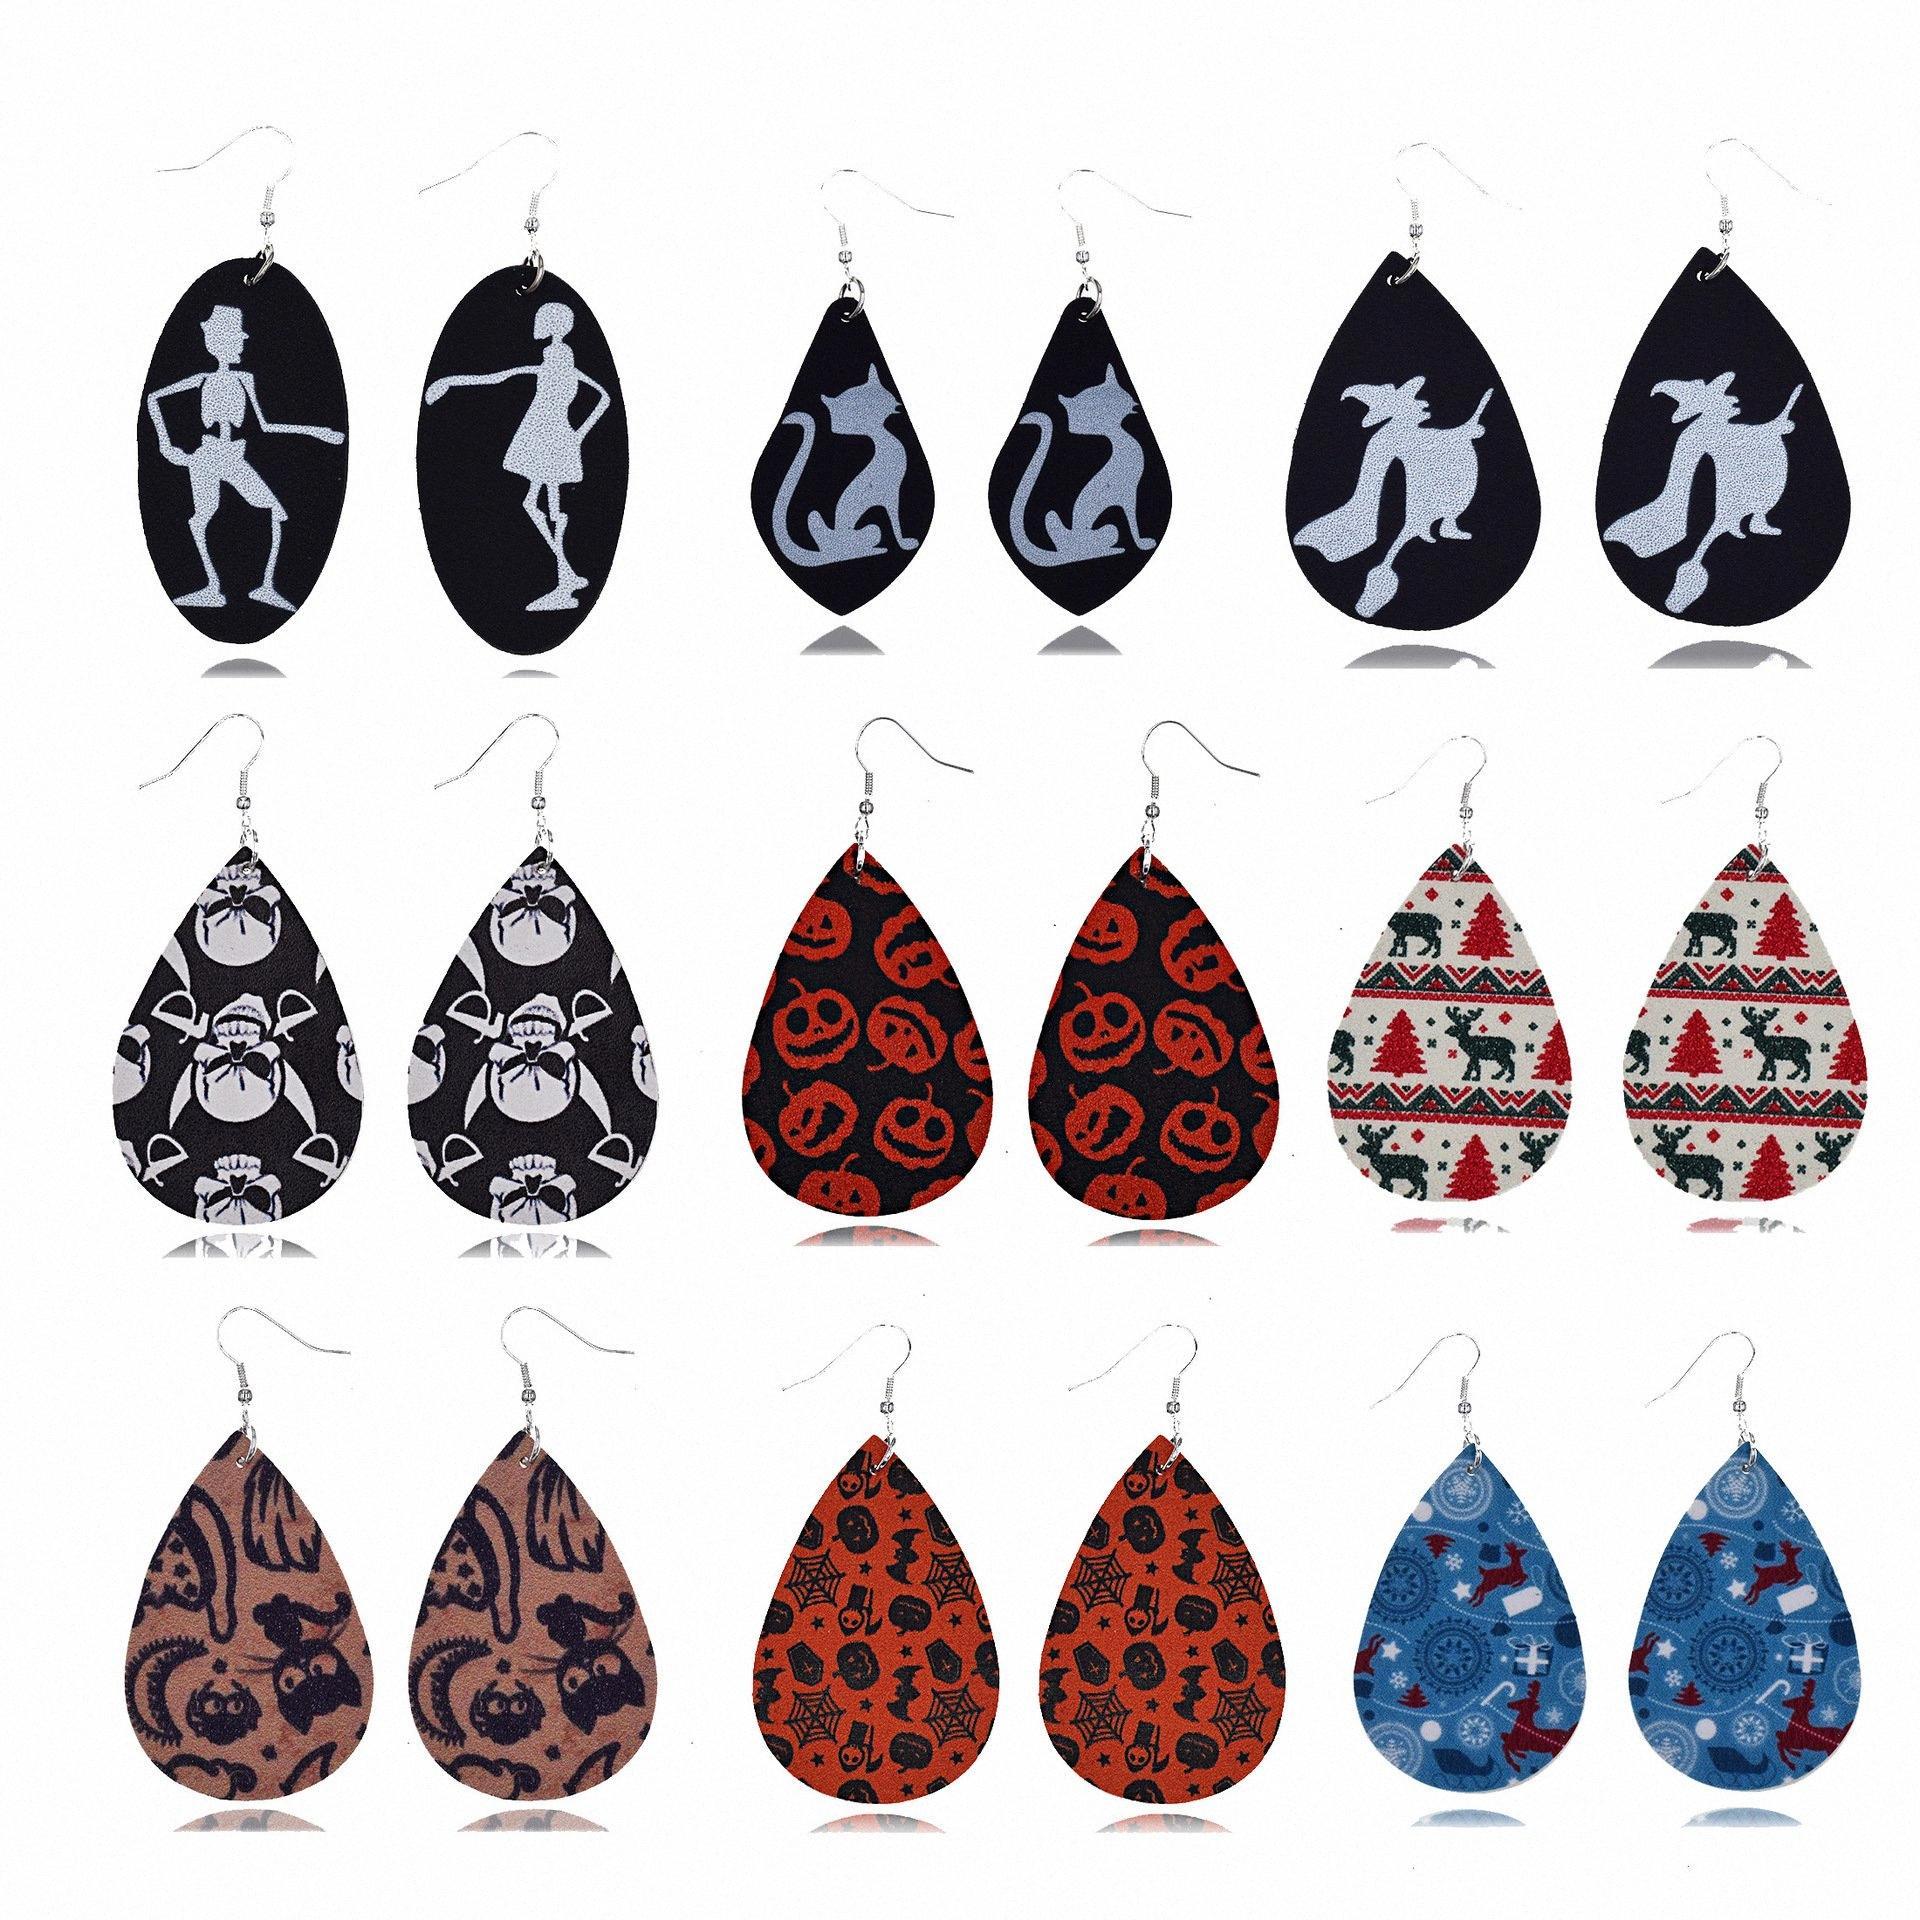 Weihnachten Leder Ohrringe Wassertropfenform Ohrringe für Frauen Schädel Weihnachten Halloween dangler trendige Mode eardrop HOT Verkauf A682 #